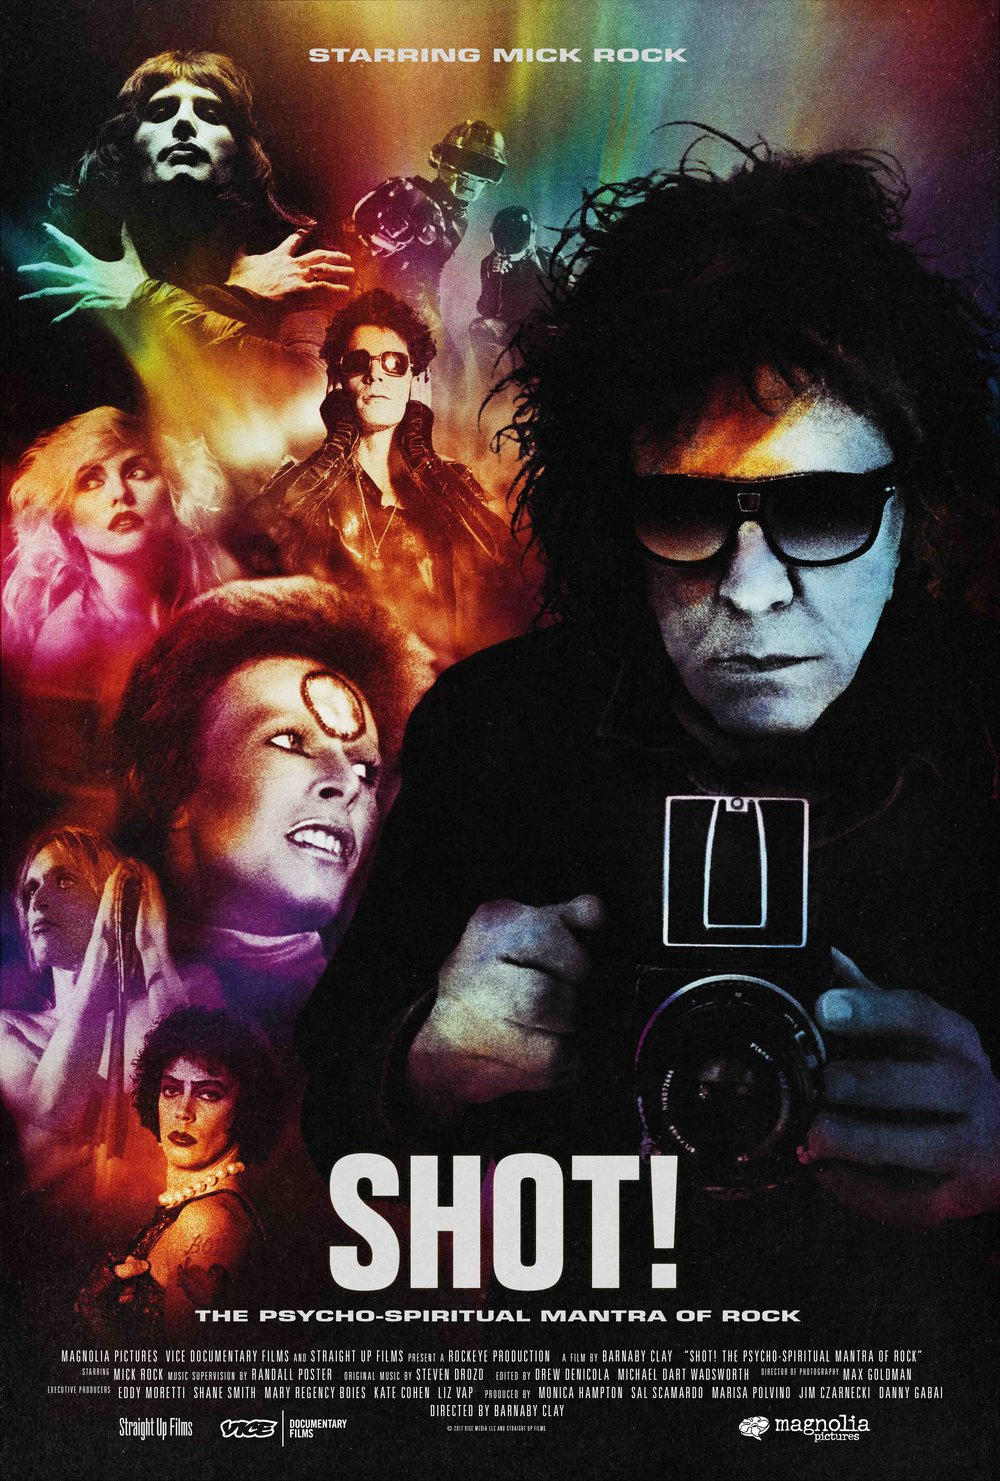 SHOT!